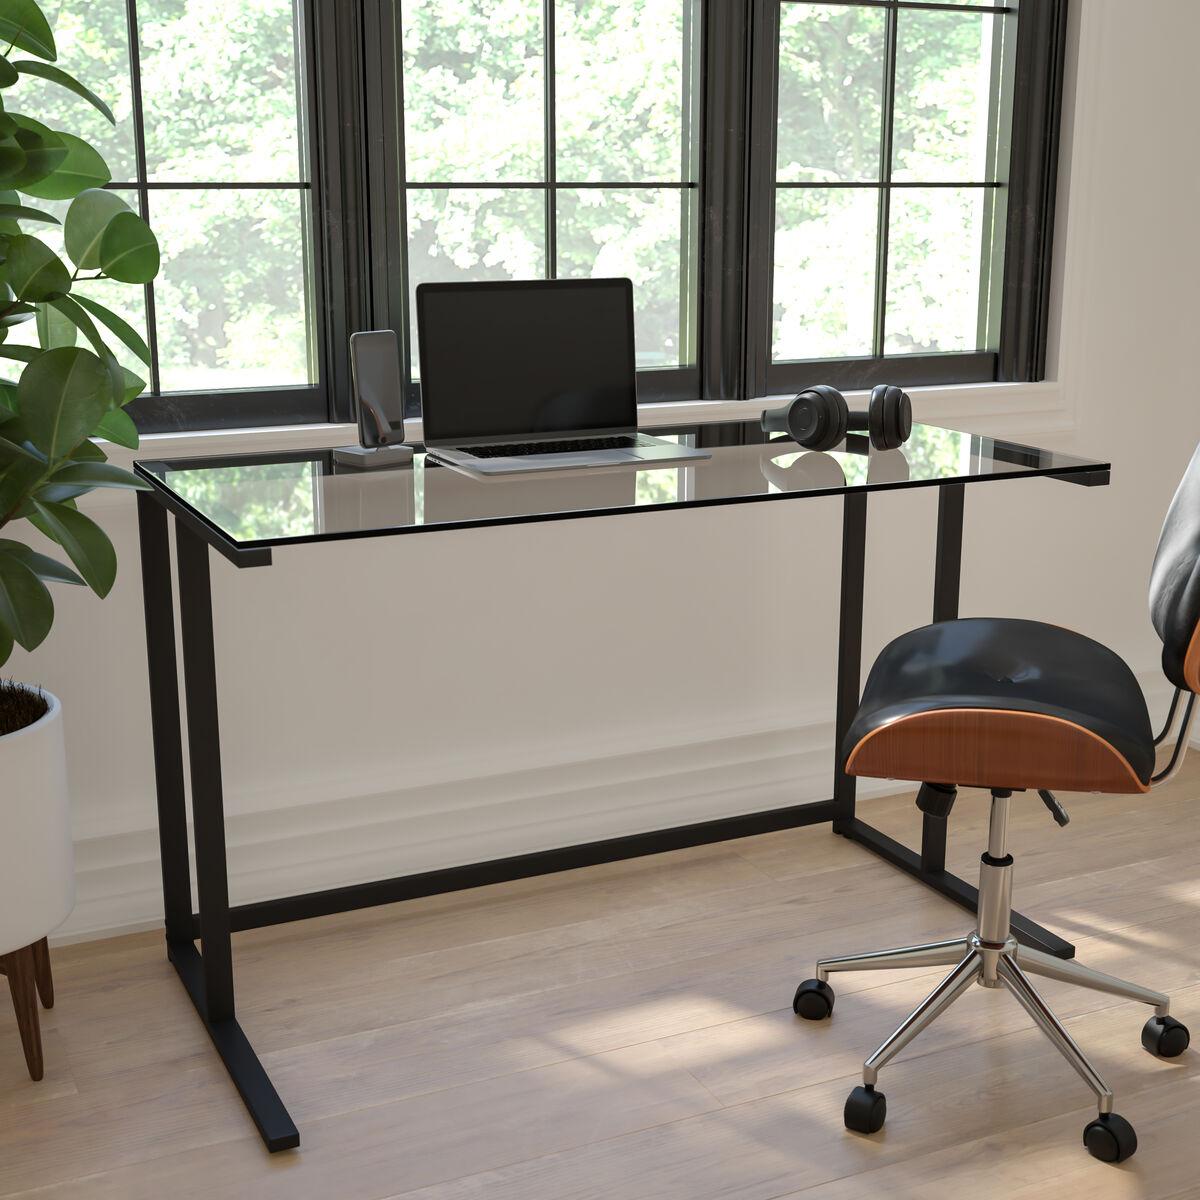 Glass Pedestal Desk NAN-WK-055-GG | Bizchair.com